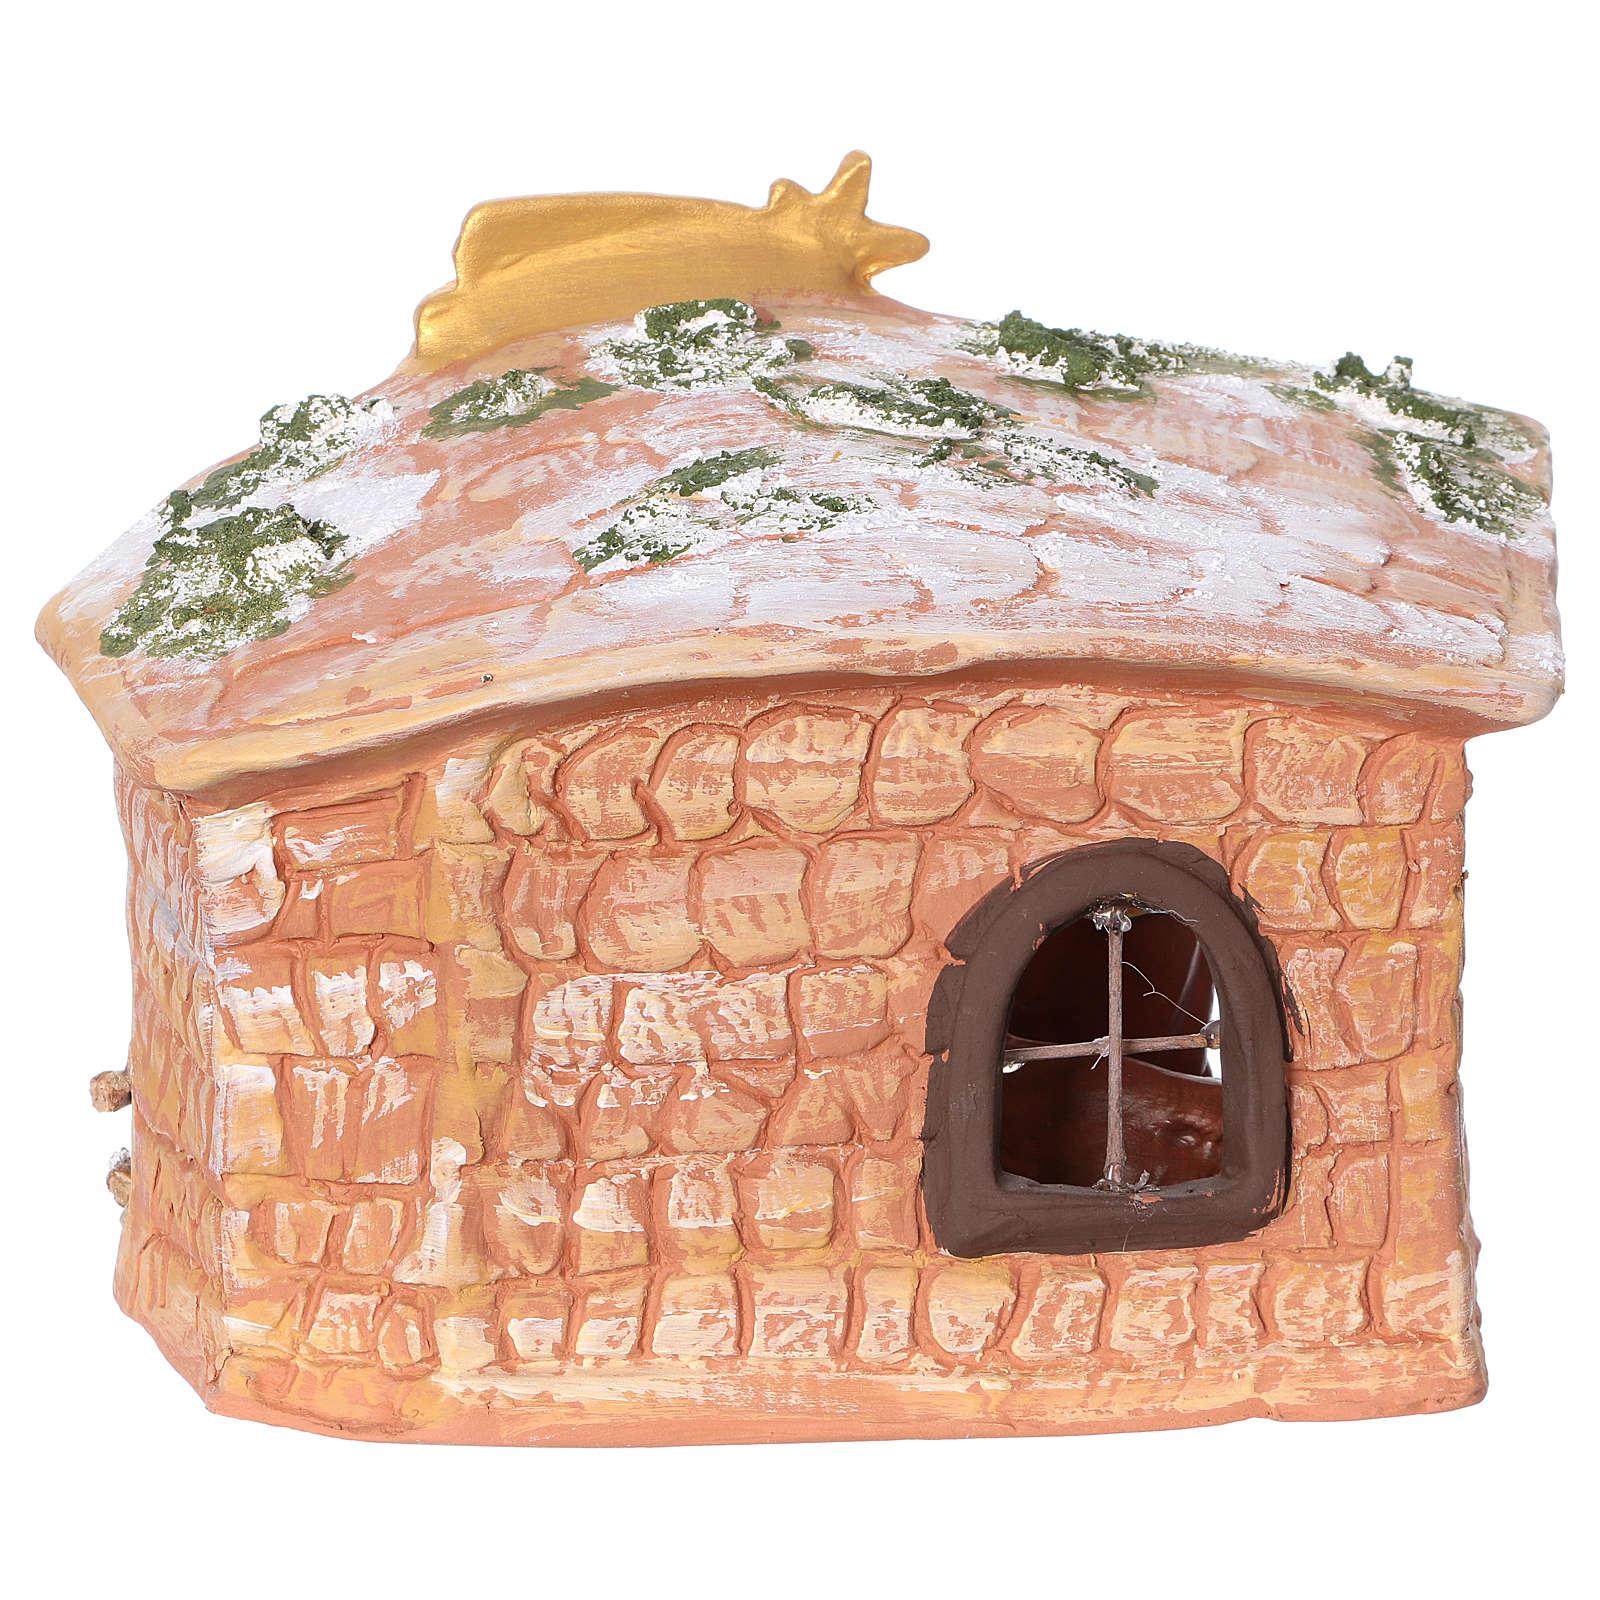 Cabana em terracota pintada 20x20x15 cm com natividade para presépio com peças de 8 cm de altura média 4